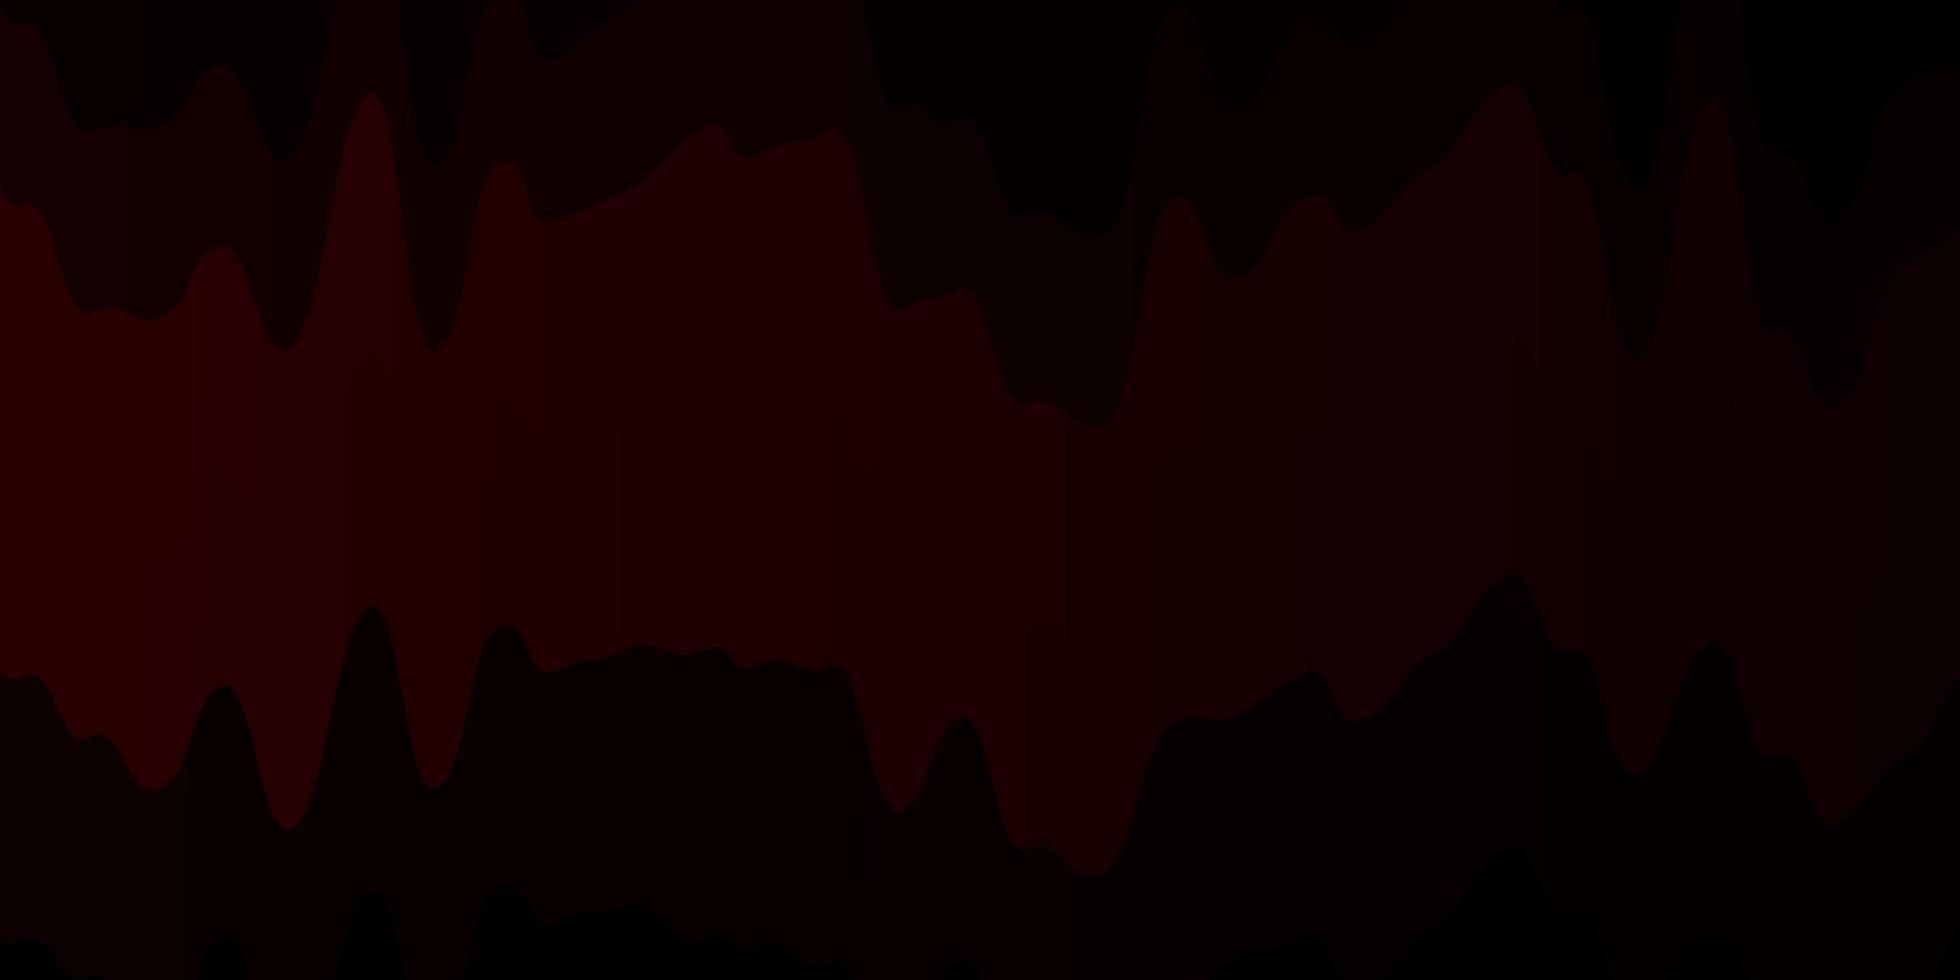 sfondo vettoriale rosso scuro con curve.